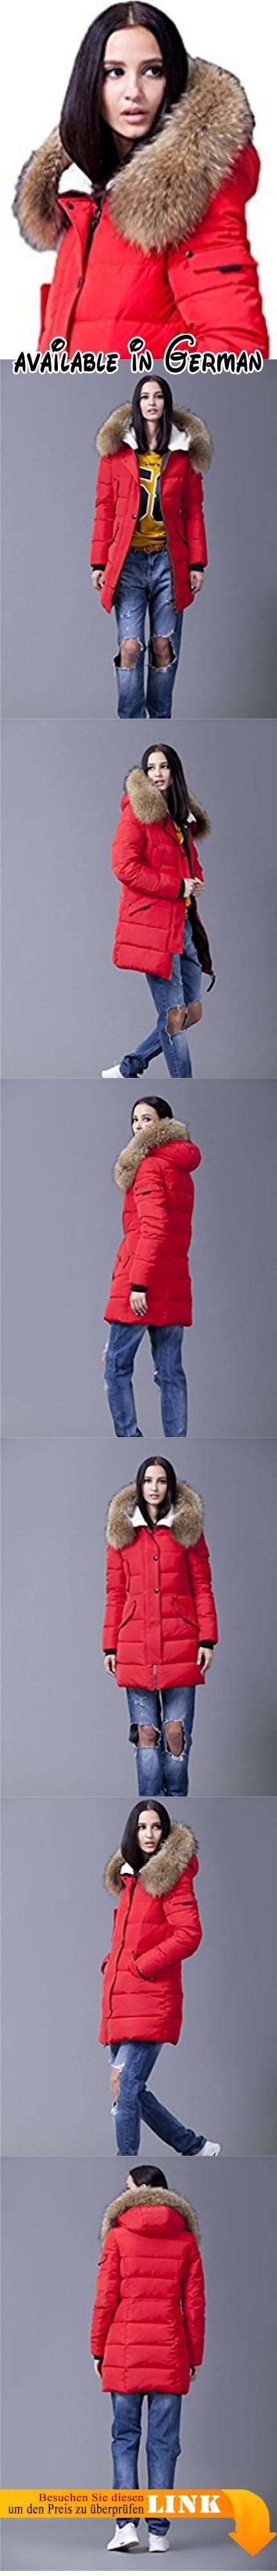 Sunrolan Damen Mantel Daunenmantel Steppmantel Wintermantel Daunenjacke lang mit Kapuze Echtes Fellkragen Rot S. Material Füllung: 70% Daunen, 30% Federn. Detail Kapuze: unabnehmbare Kapuze, abnehmbares echtes Fellkragen. Taschen: zwei Außentaschen. Leicht tailliert, nicht wasserdicht. Hinweis: um die passende Größe auszuwählen, überprüfen Sie bitte Größentabelle in der Produktebeschreibung! #Apparel #OUTERWEAR